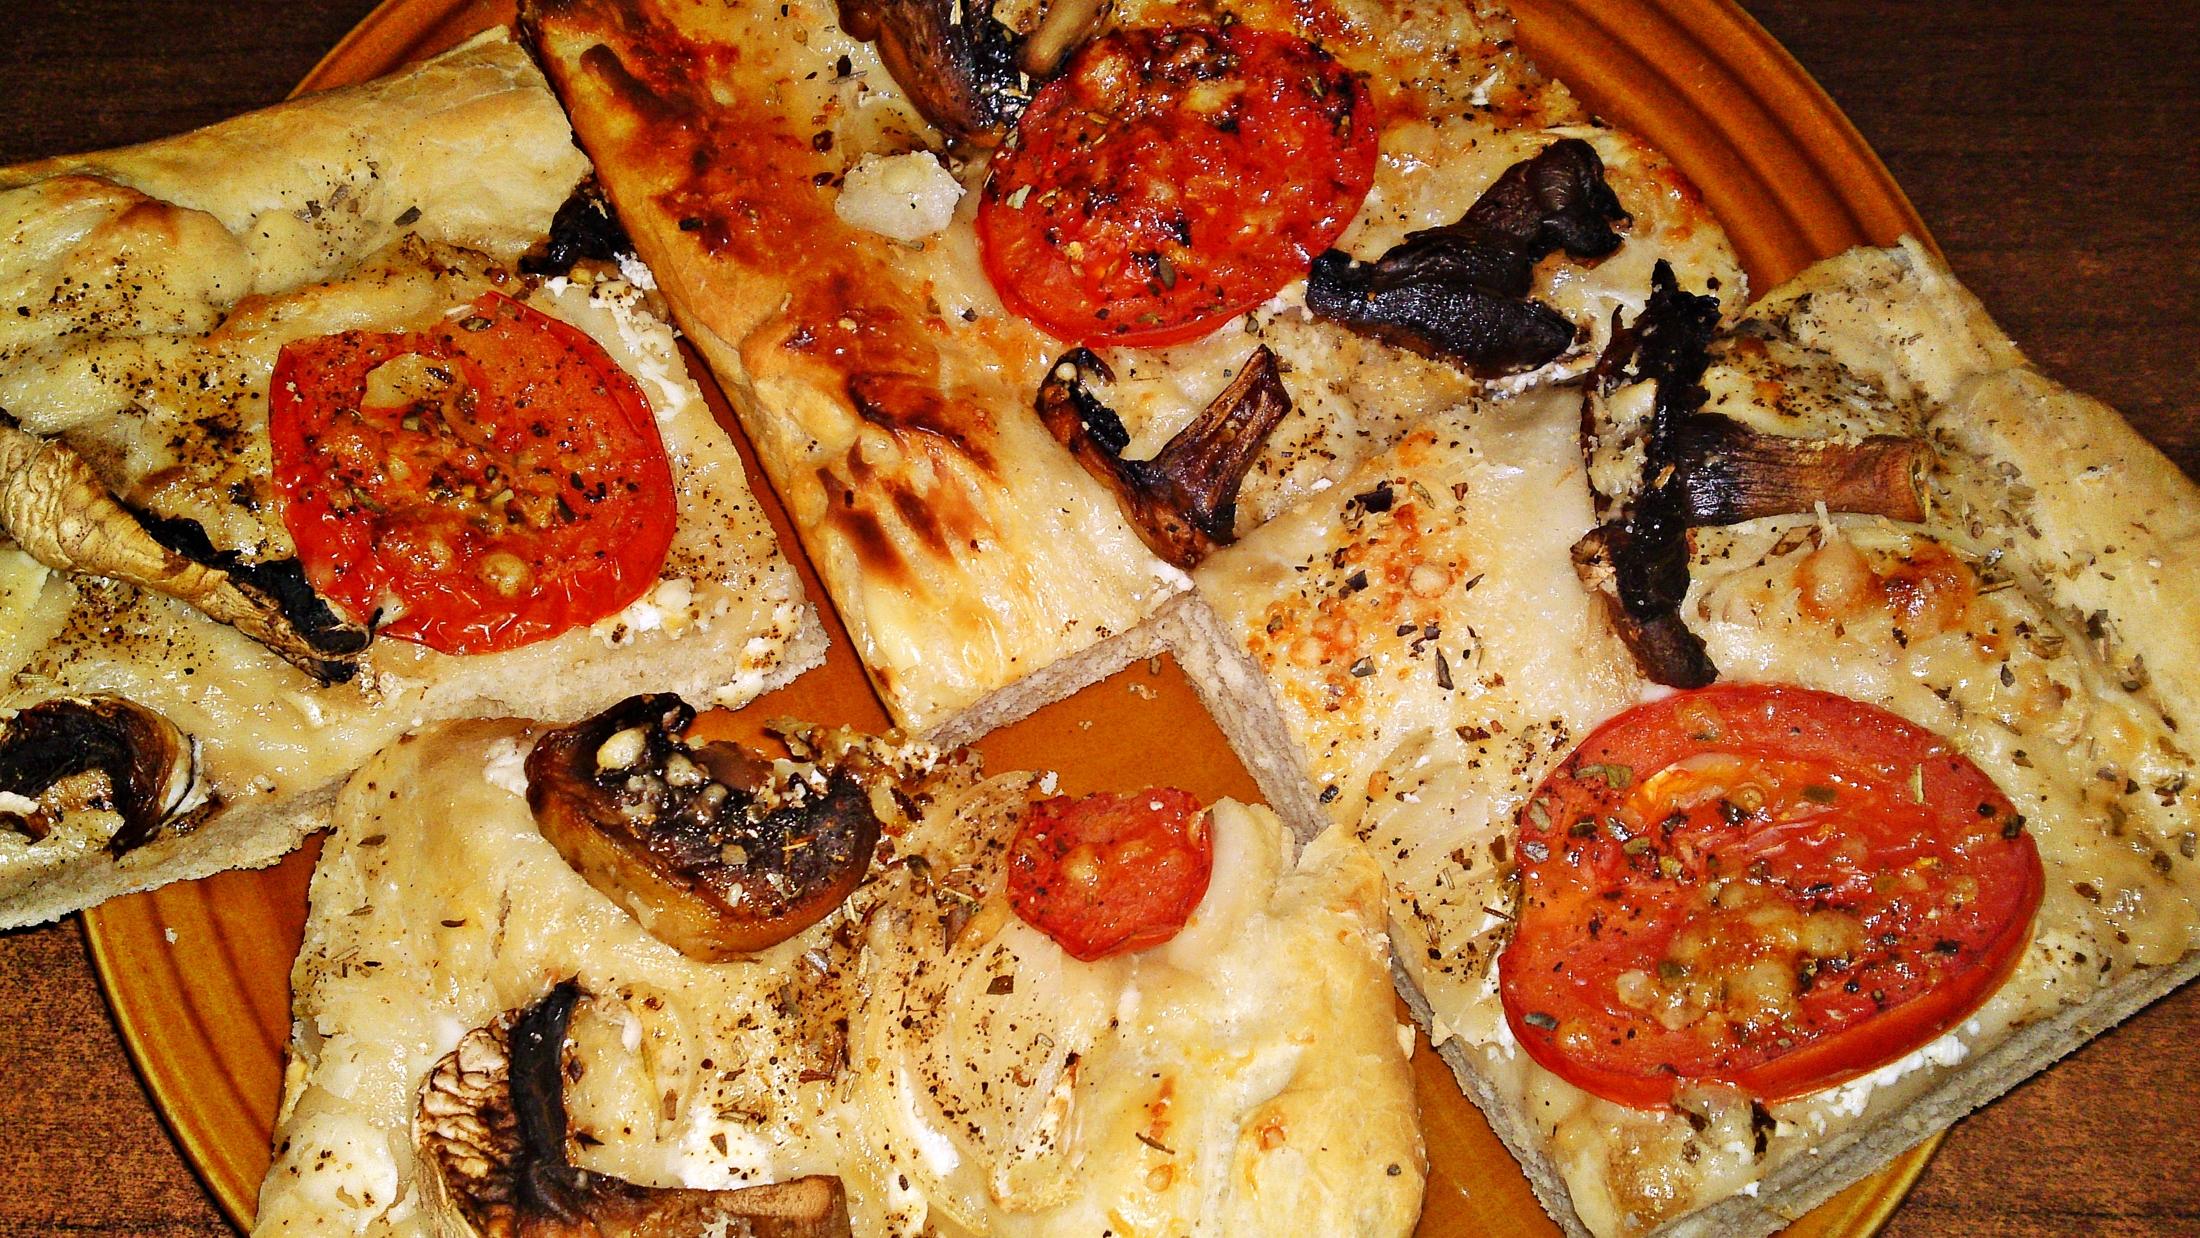 Slaný smetanový koláč s rajčaty, žampiony a sýrem